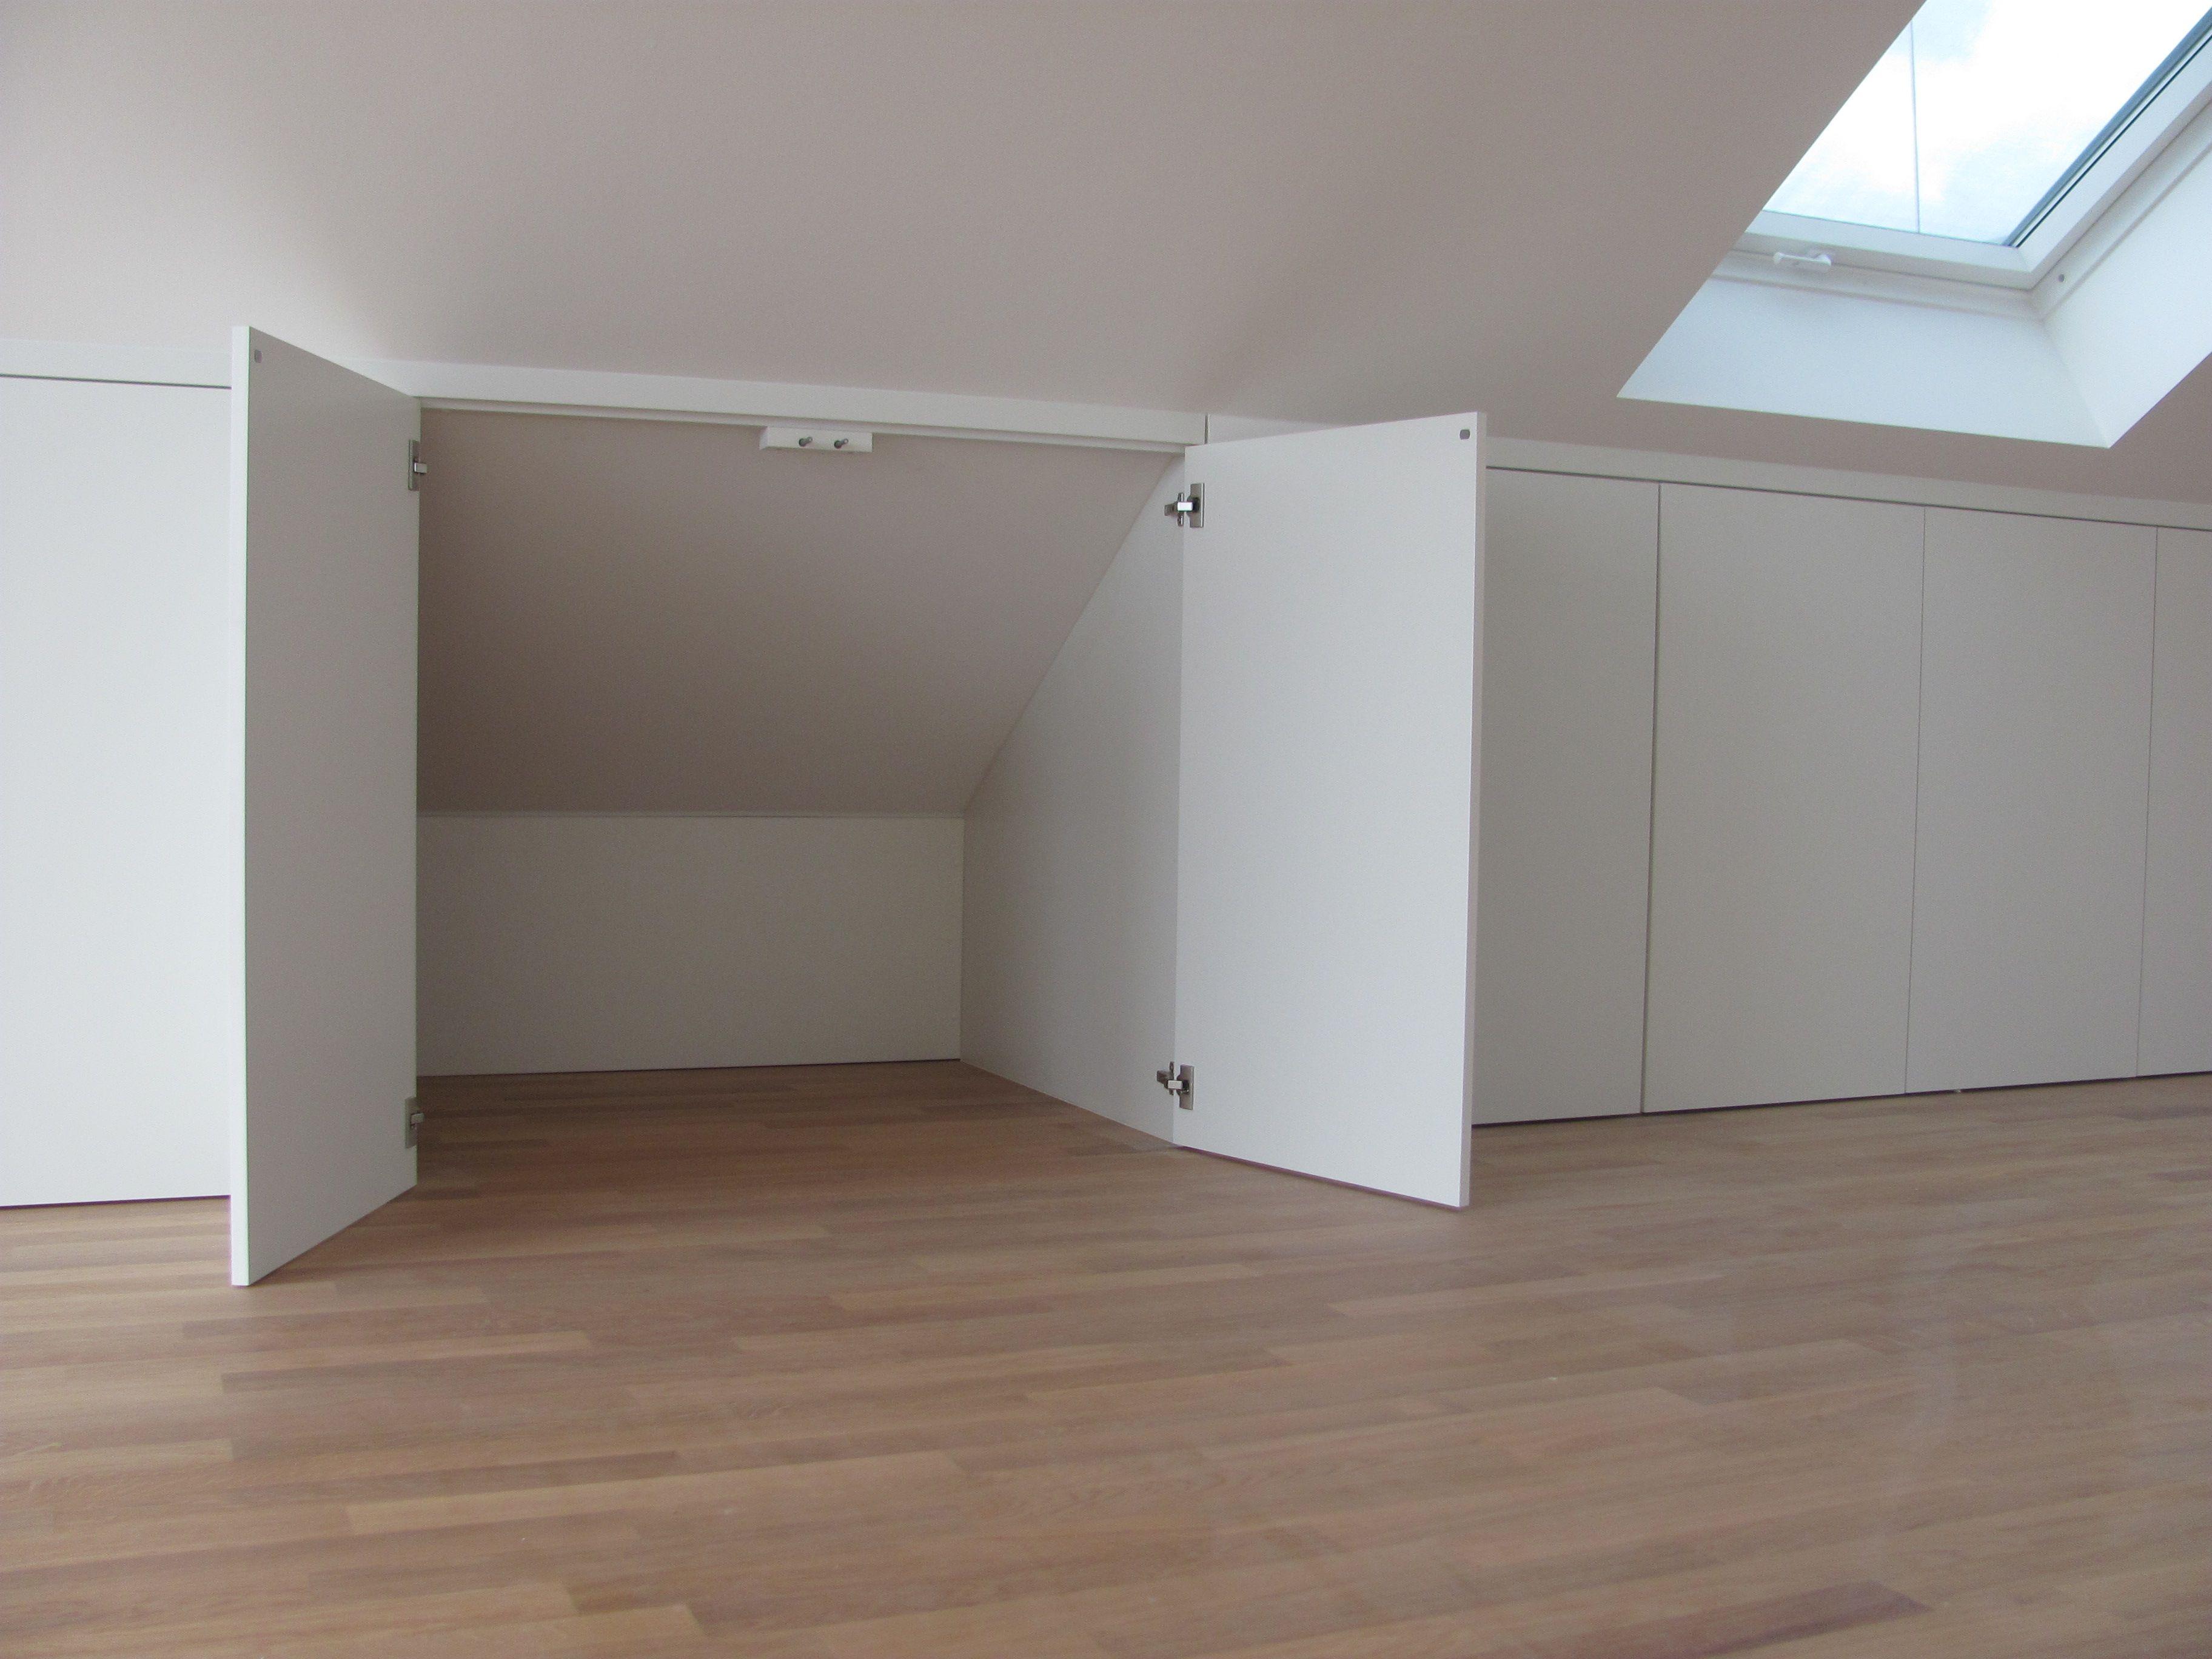 Schlafzimmer Einrichten Ohne Schrank | Klappbett - 50 ...